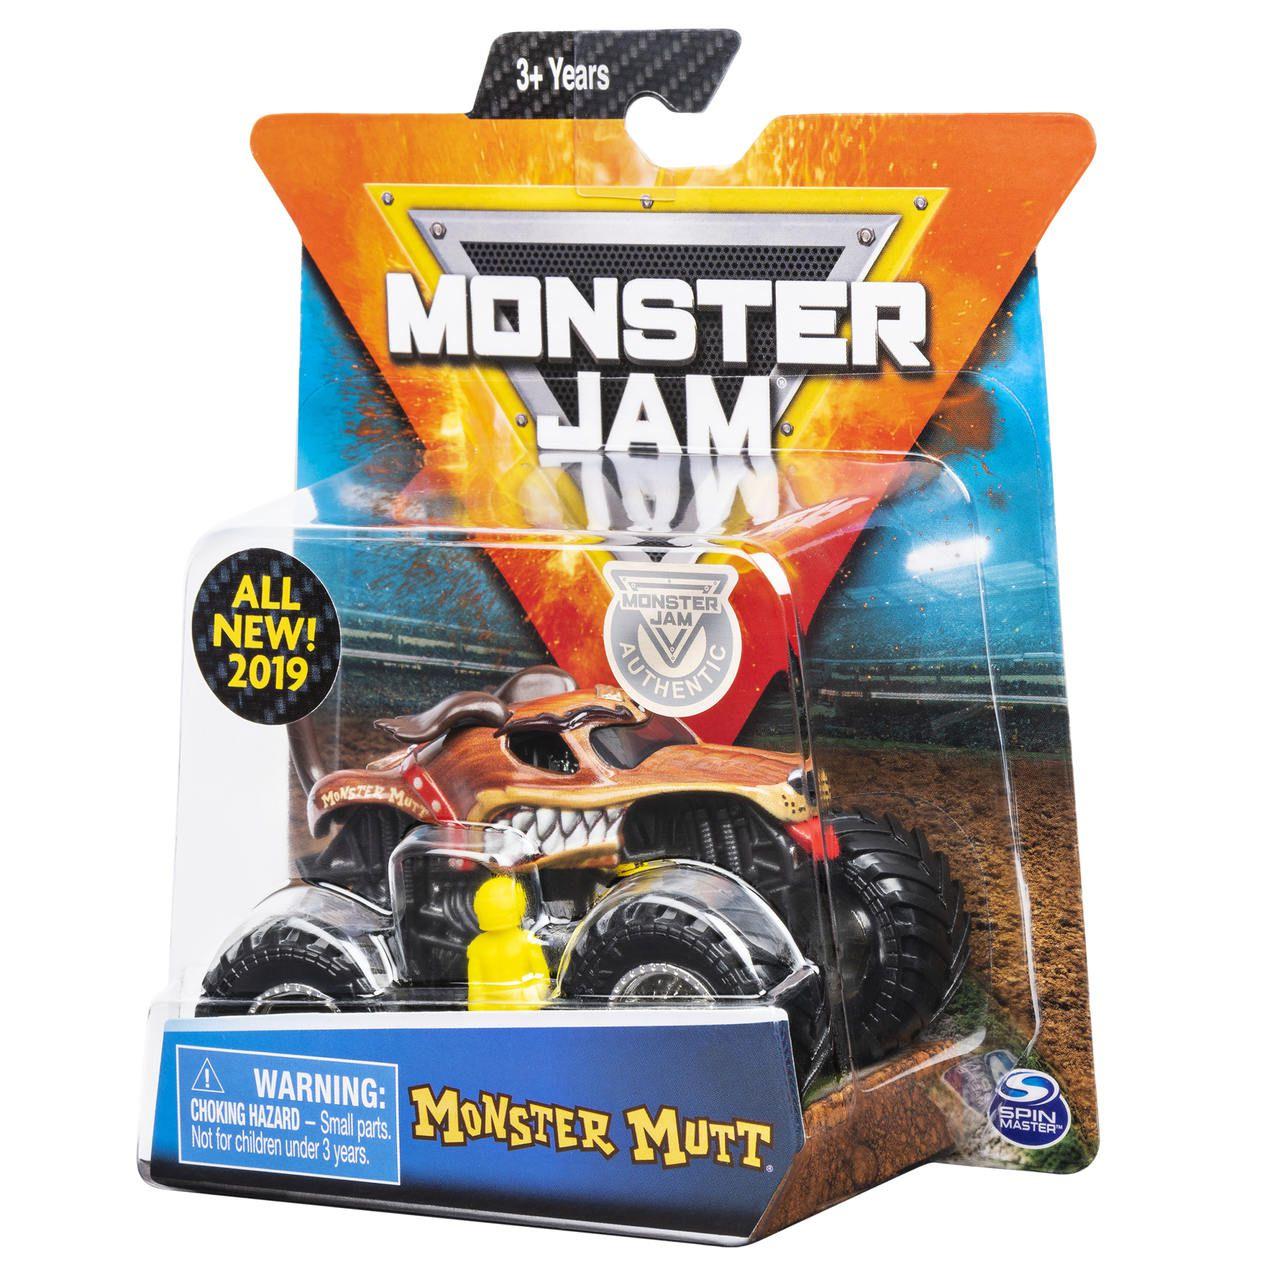 Monster Jam Truck - Monster Mutt - Escala 1:64 - Original